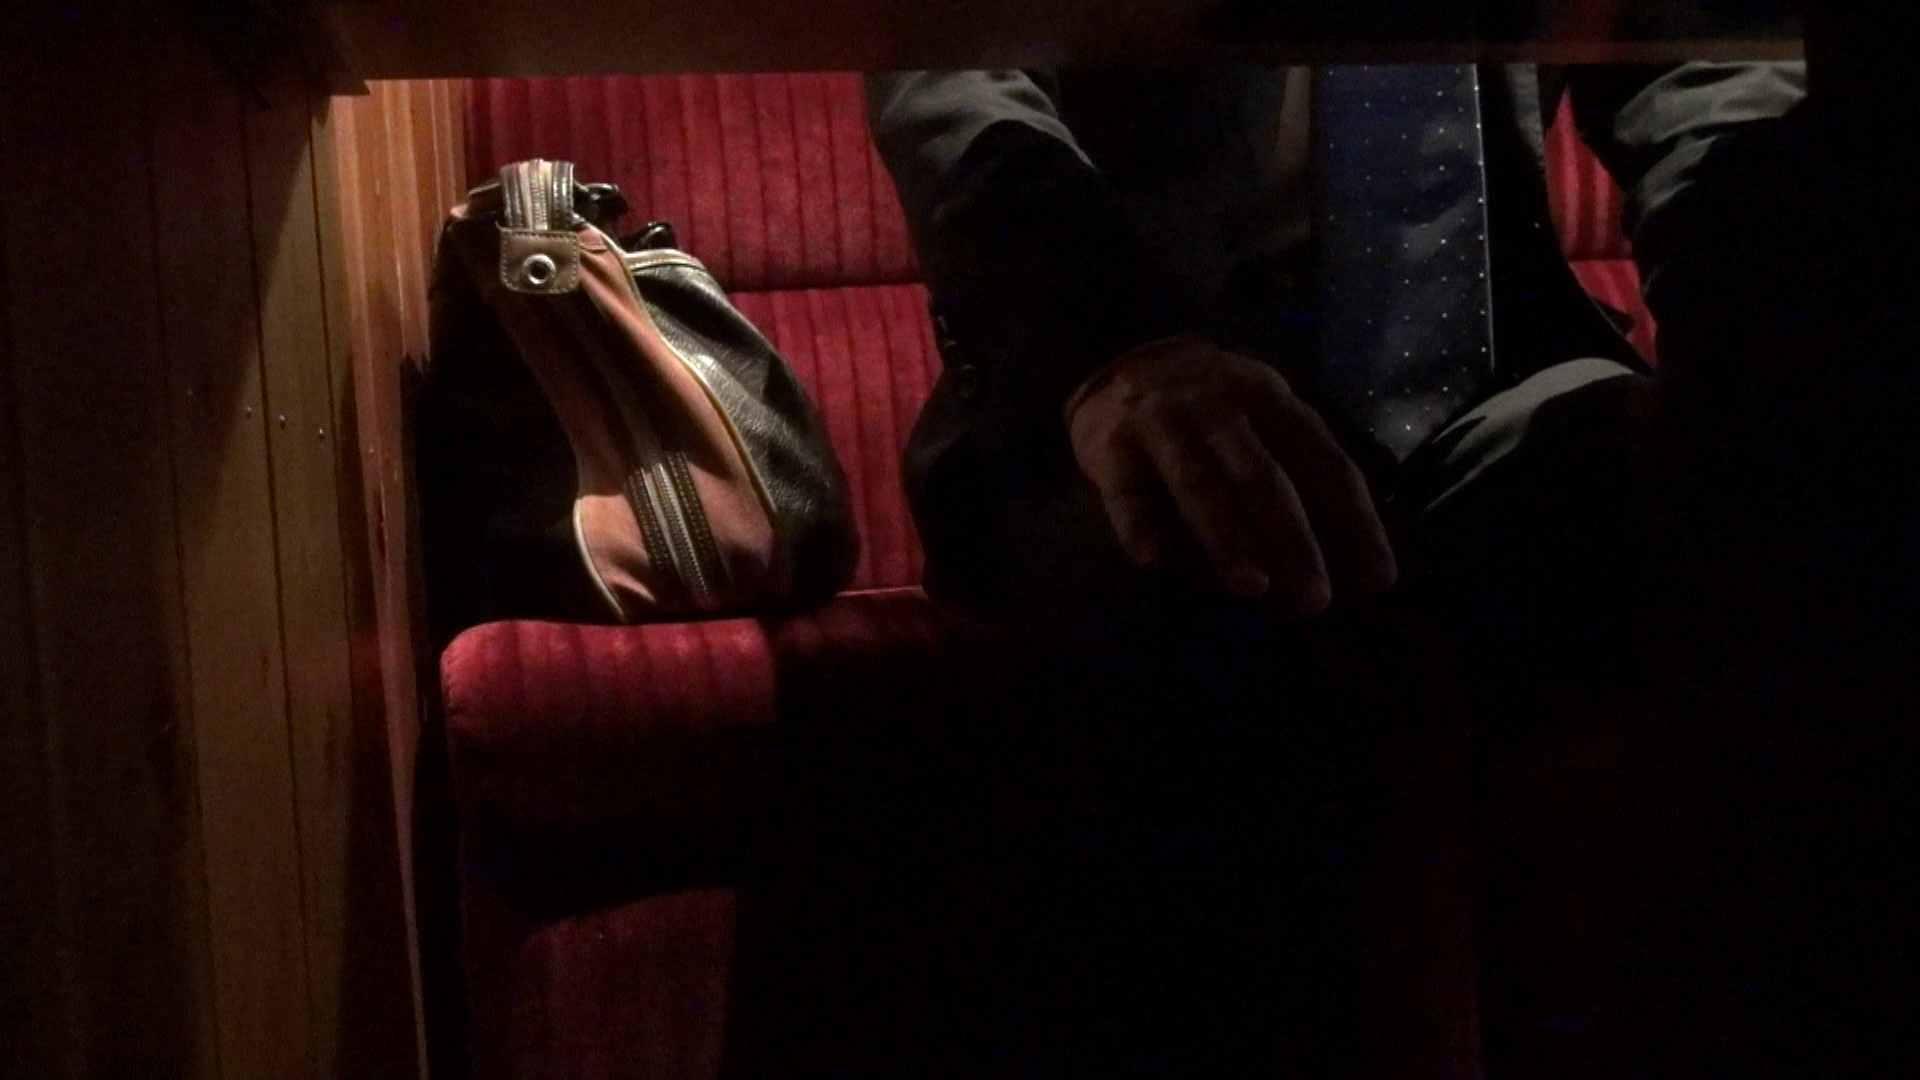 episode1 ヒロトさんと保険外交員との顔合わせ リアル・マンコ AV無料動画キャプチャ 71pic 28